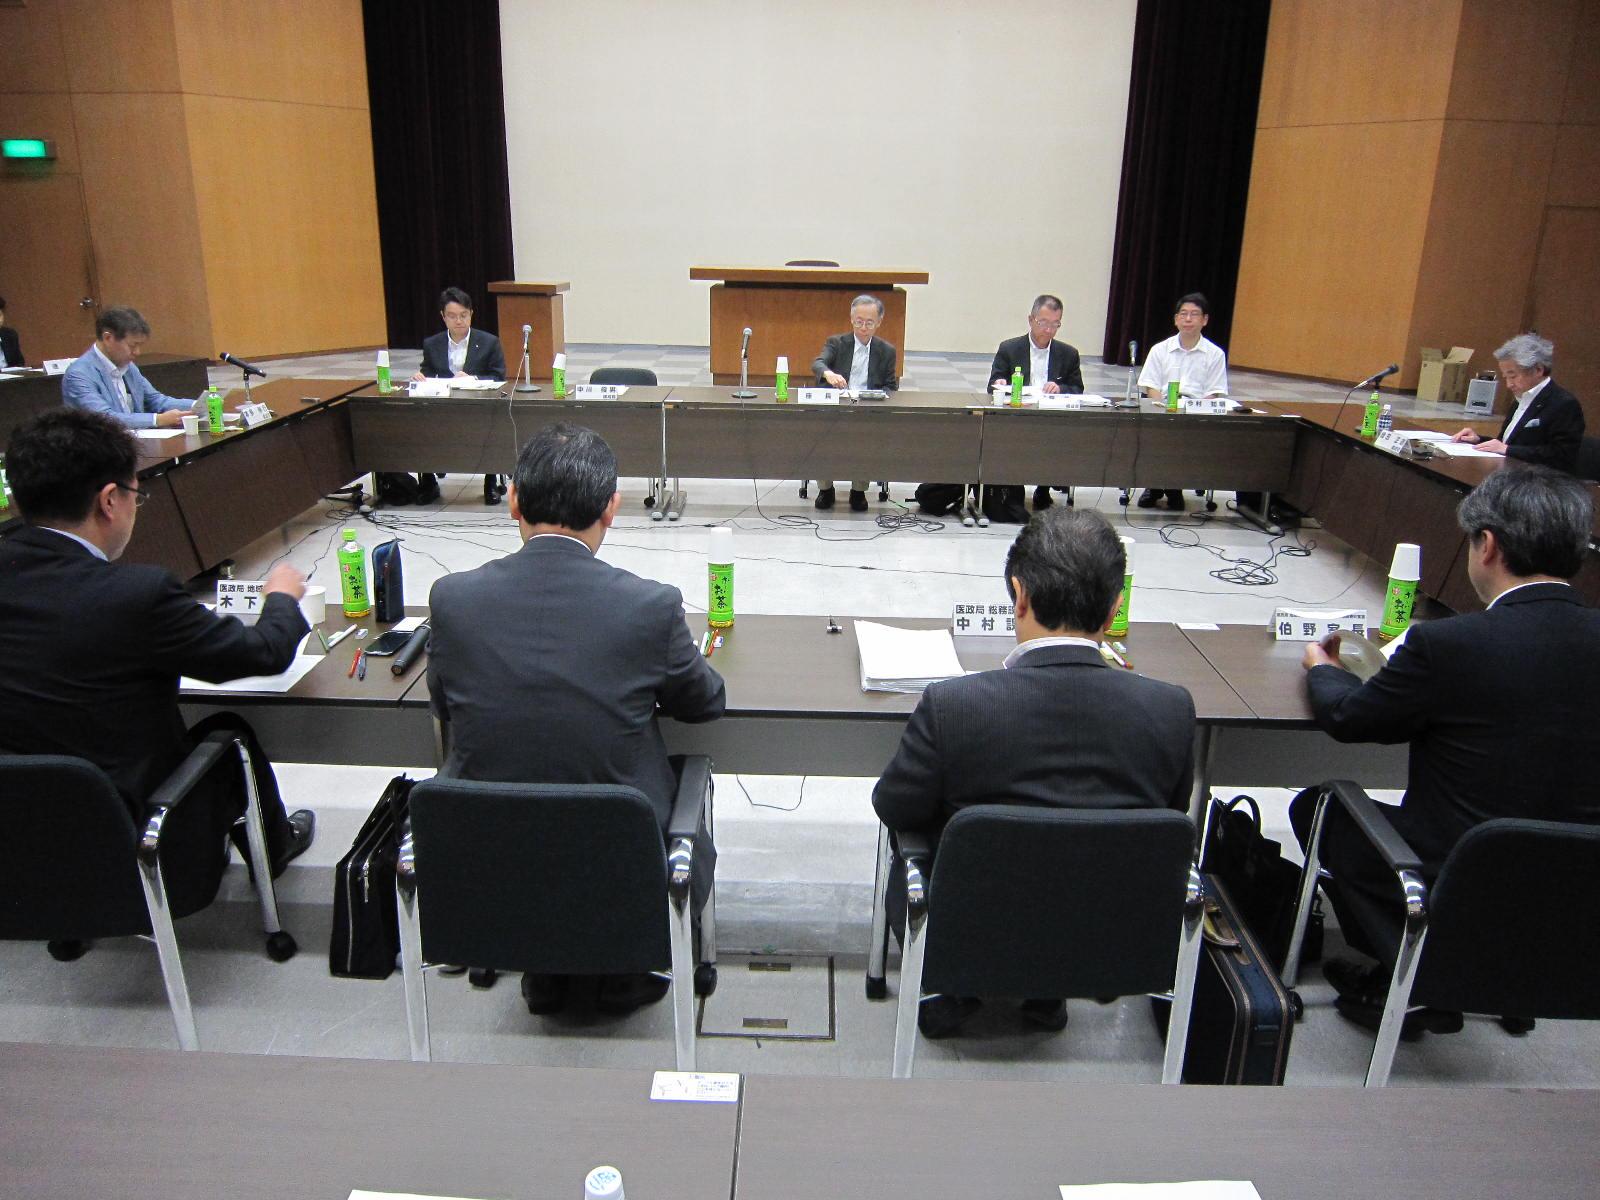 7月29日に開催された、「第1回 地域医療構想に関するワーキンググループ」(医療計画の見直し等に関する検討会の下部組織)